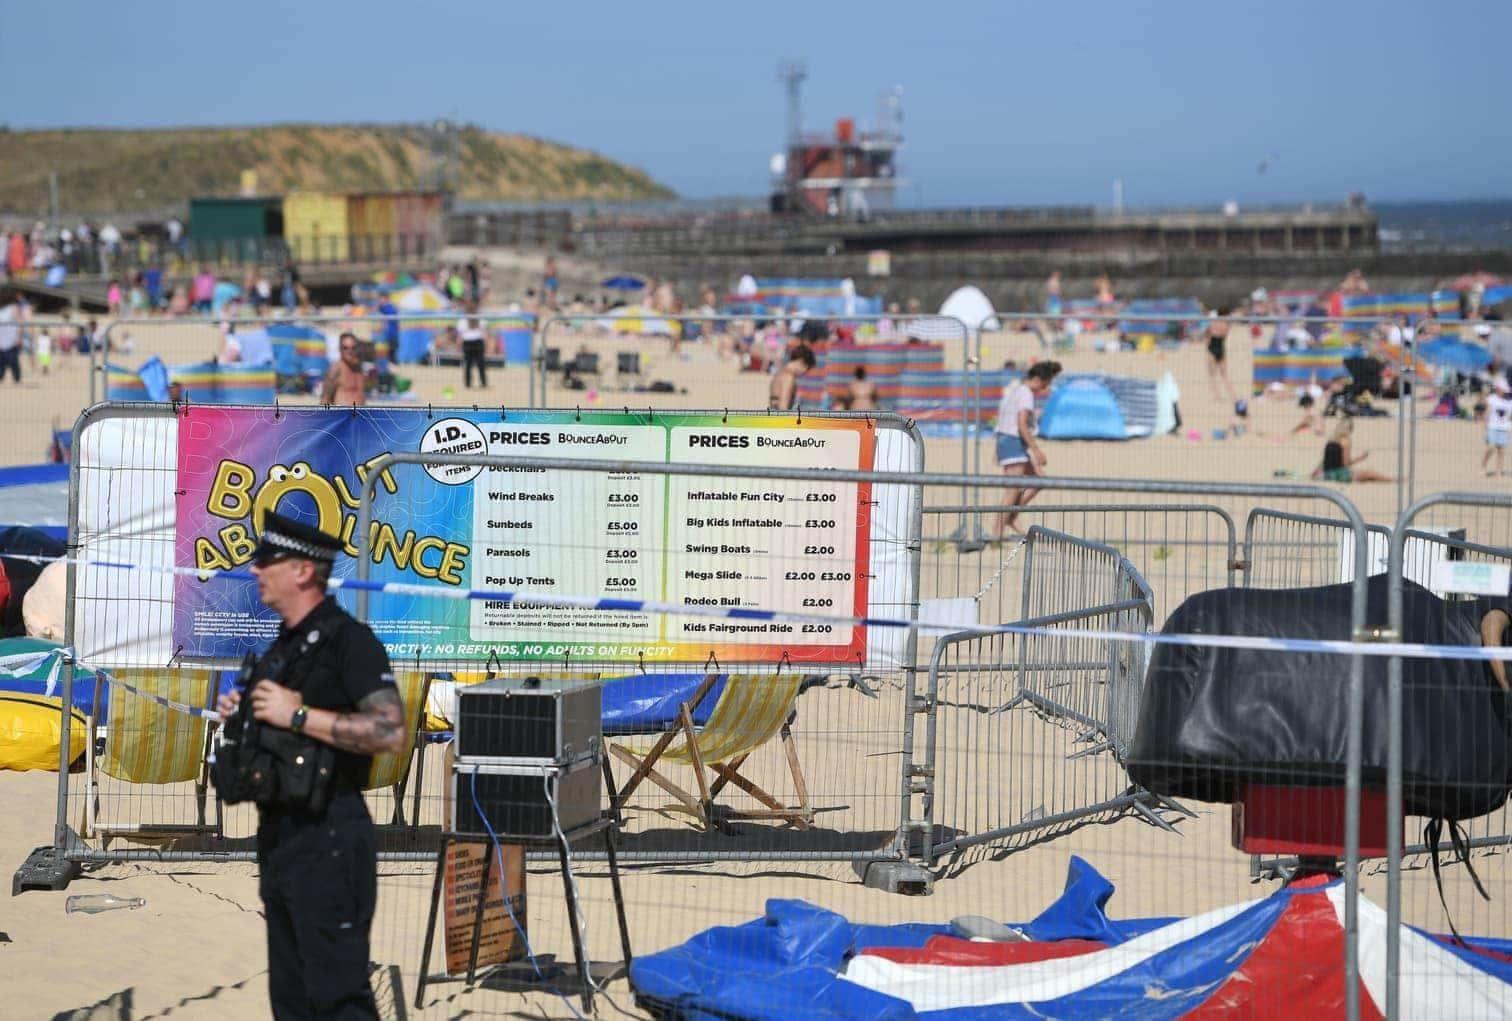 teilte die Polizei der Grafschaft Norfolk am Sonntag mit. Augenzeugen hatten einen laut Knall gehört und gesehen